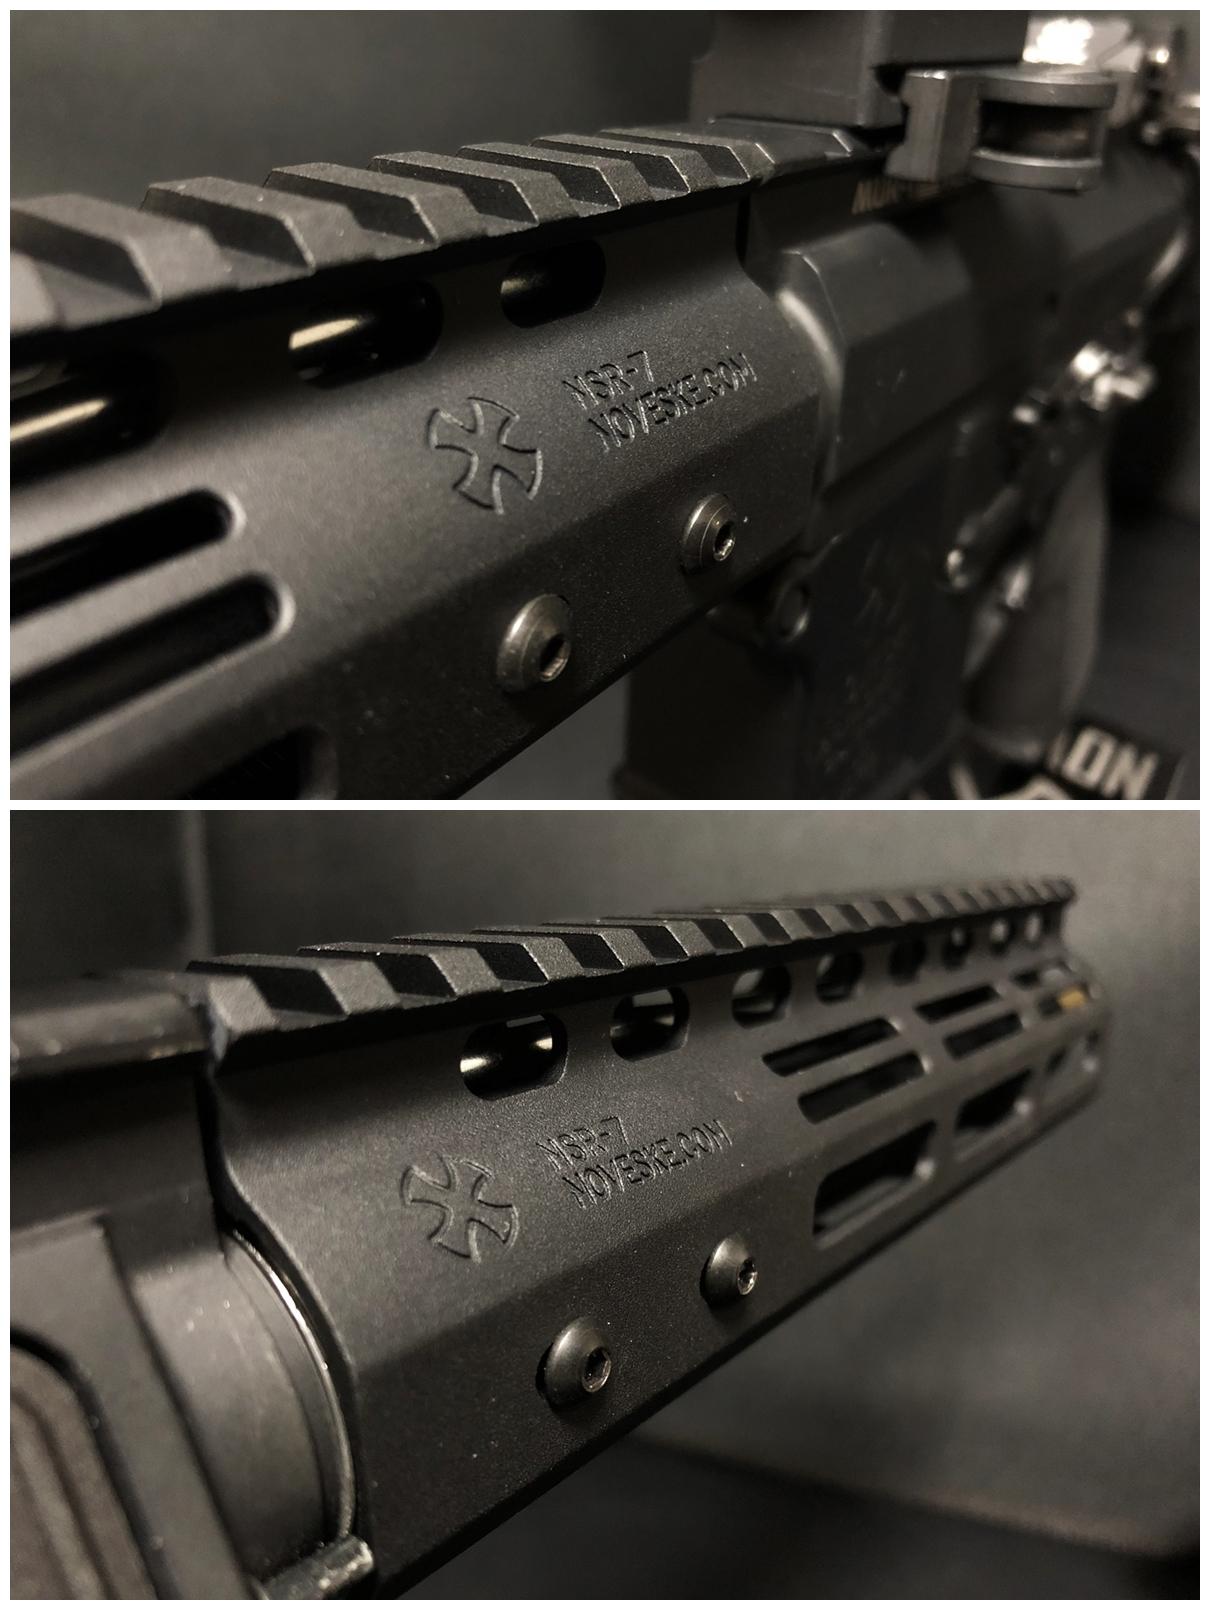 30 『微々たる変化』と『微々たる進化』 IRON vs 5KU M-LOK NSR NOVESKE TYPE N4 M4 AR15 ハンドガード 購入 分解 交換 検証 取付 レビュー